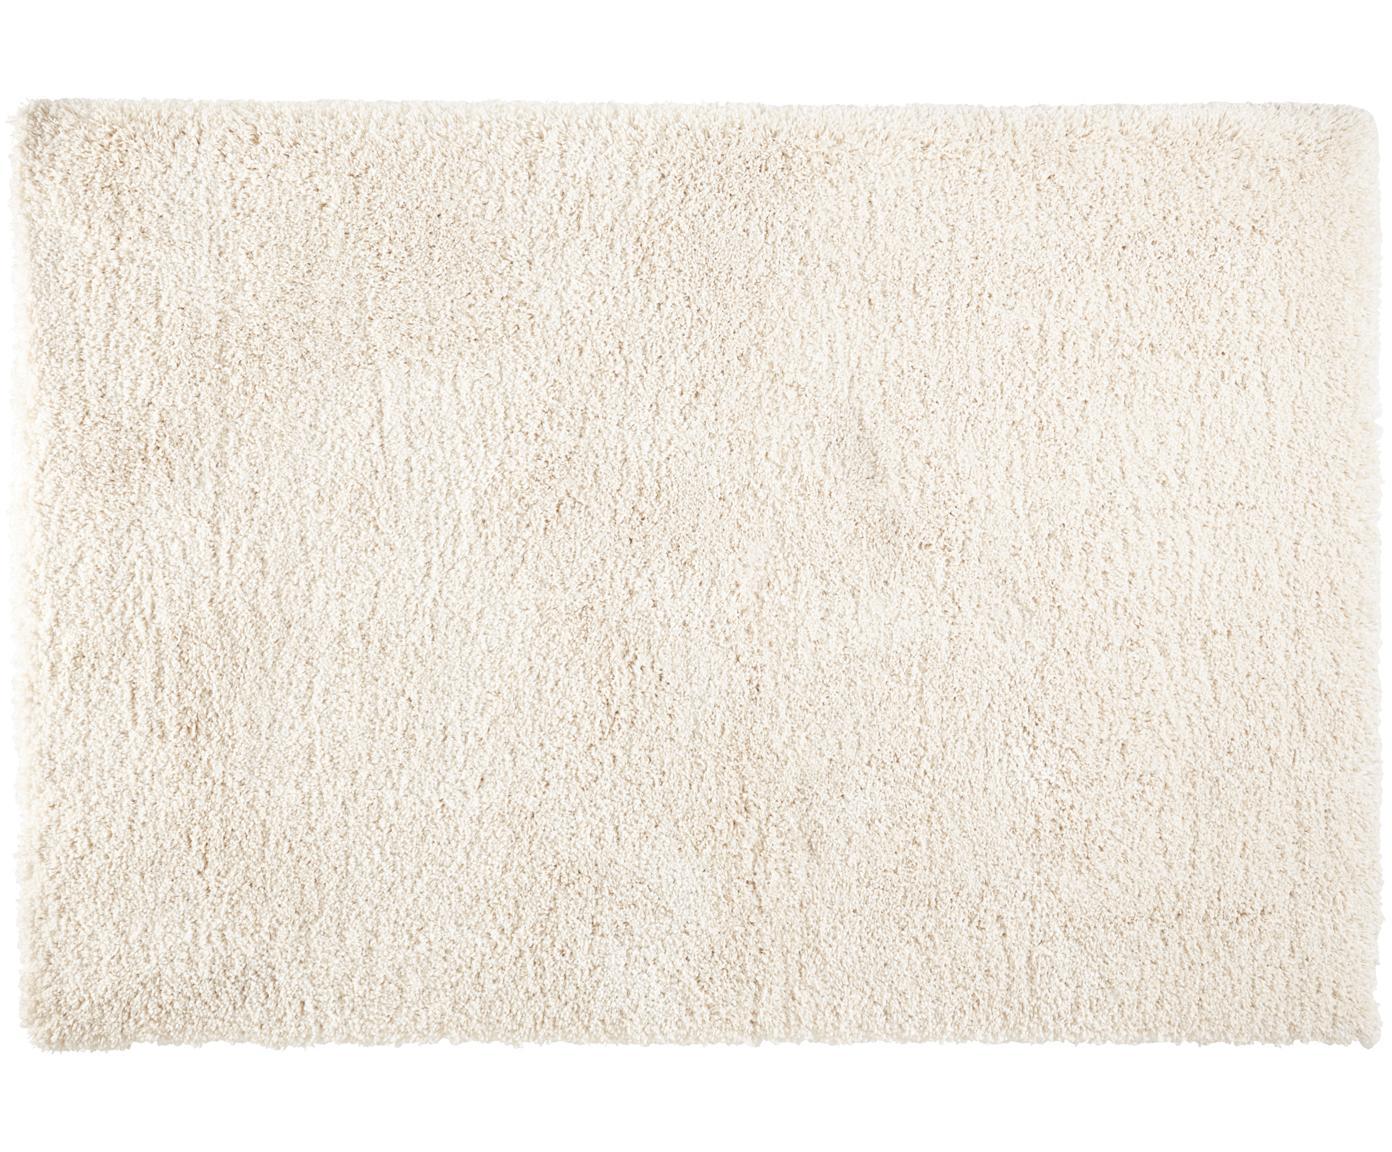 Pluizig hoogpolig vloerkleed Venice in crème kleur, Bovenzijde: 100% polypropyleen, Onderzijde: jute, Crèmekleurig, B 80 x L 150 cm (maat XS)